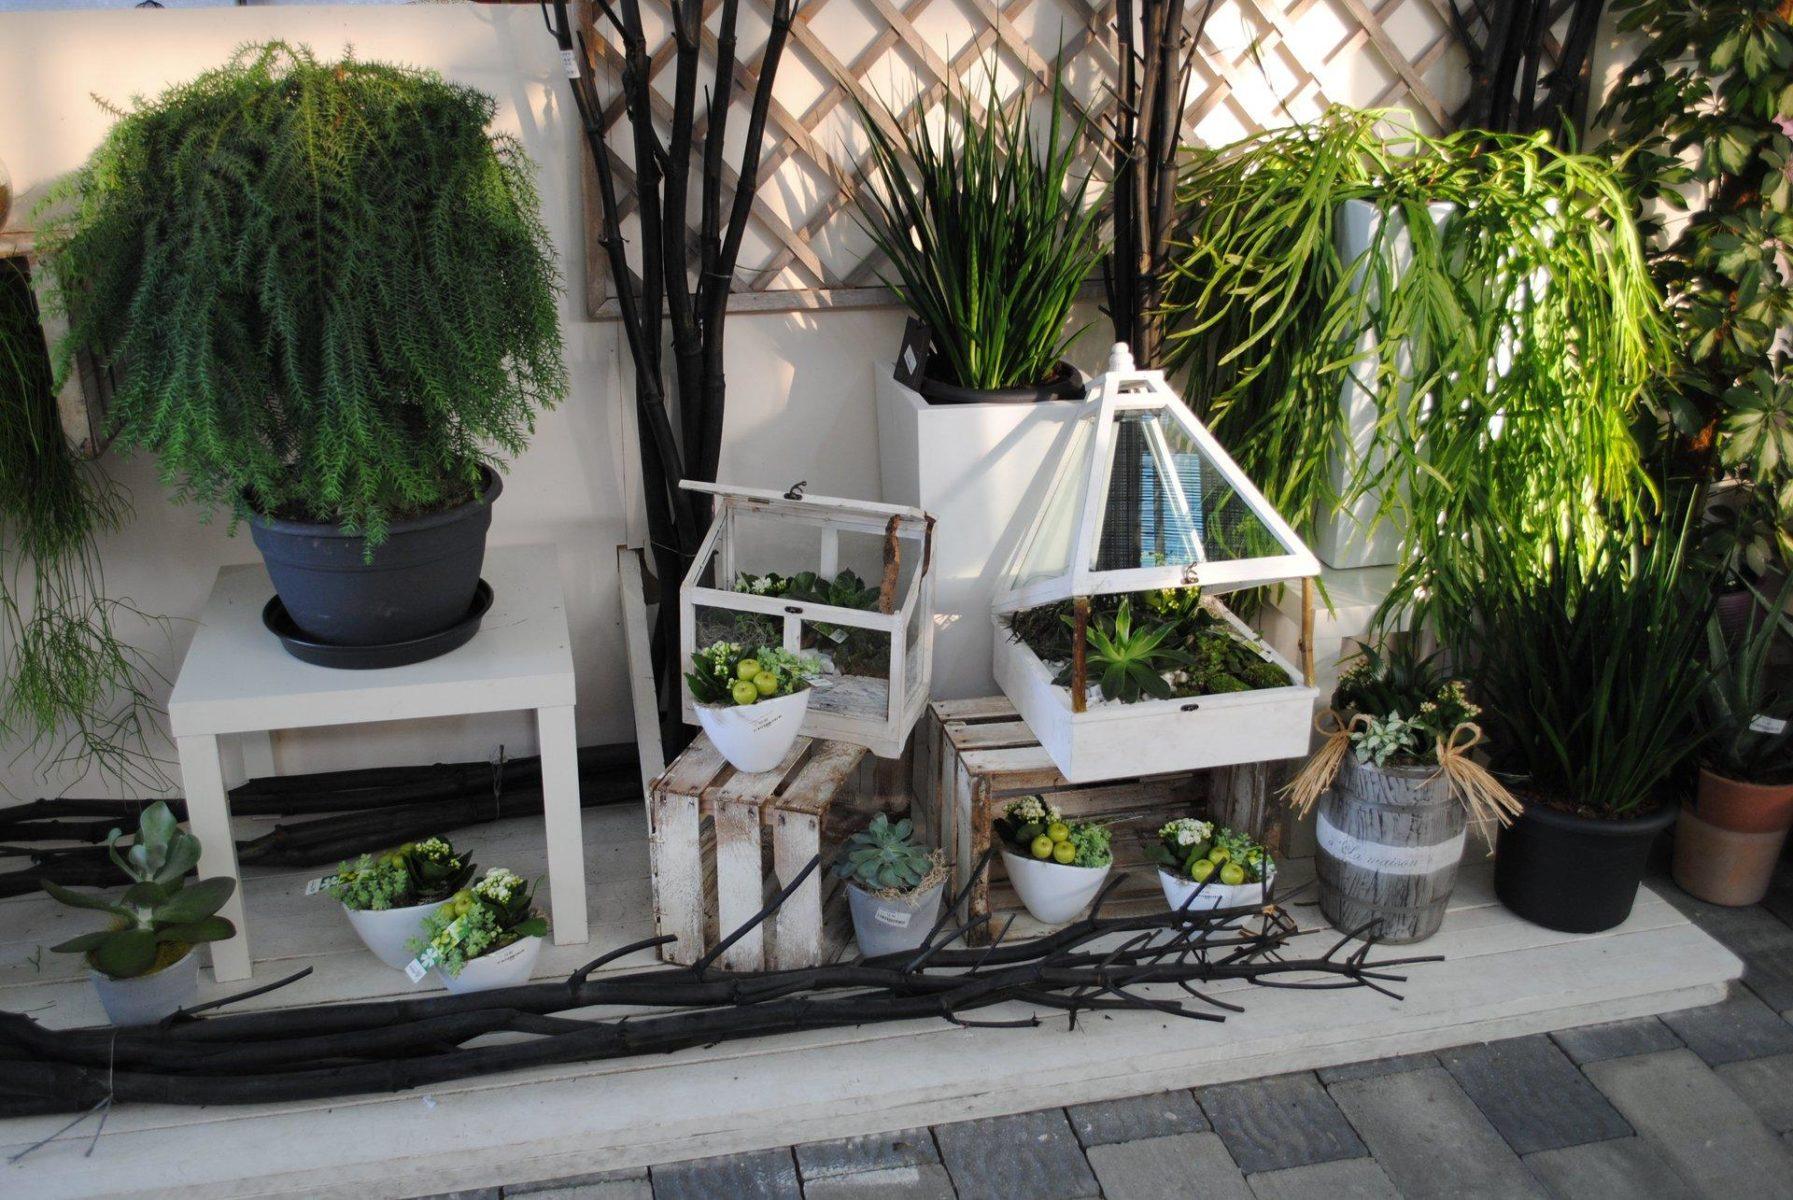 Piante da interno garden center quadrifoglio vivaio torino for Piante da vivaio